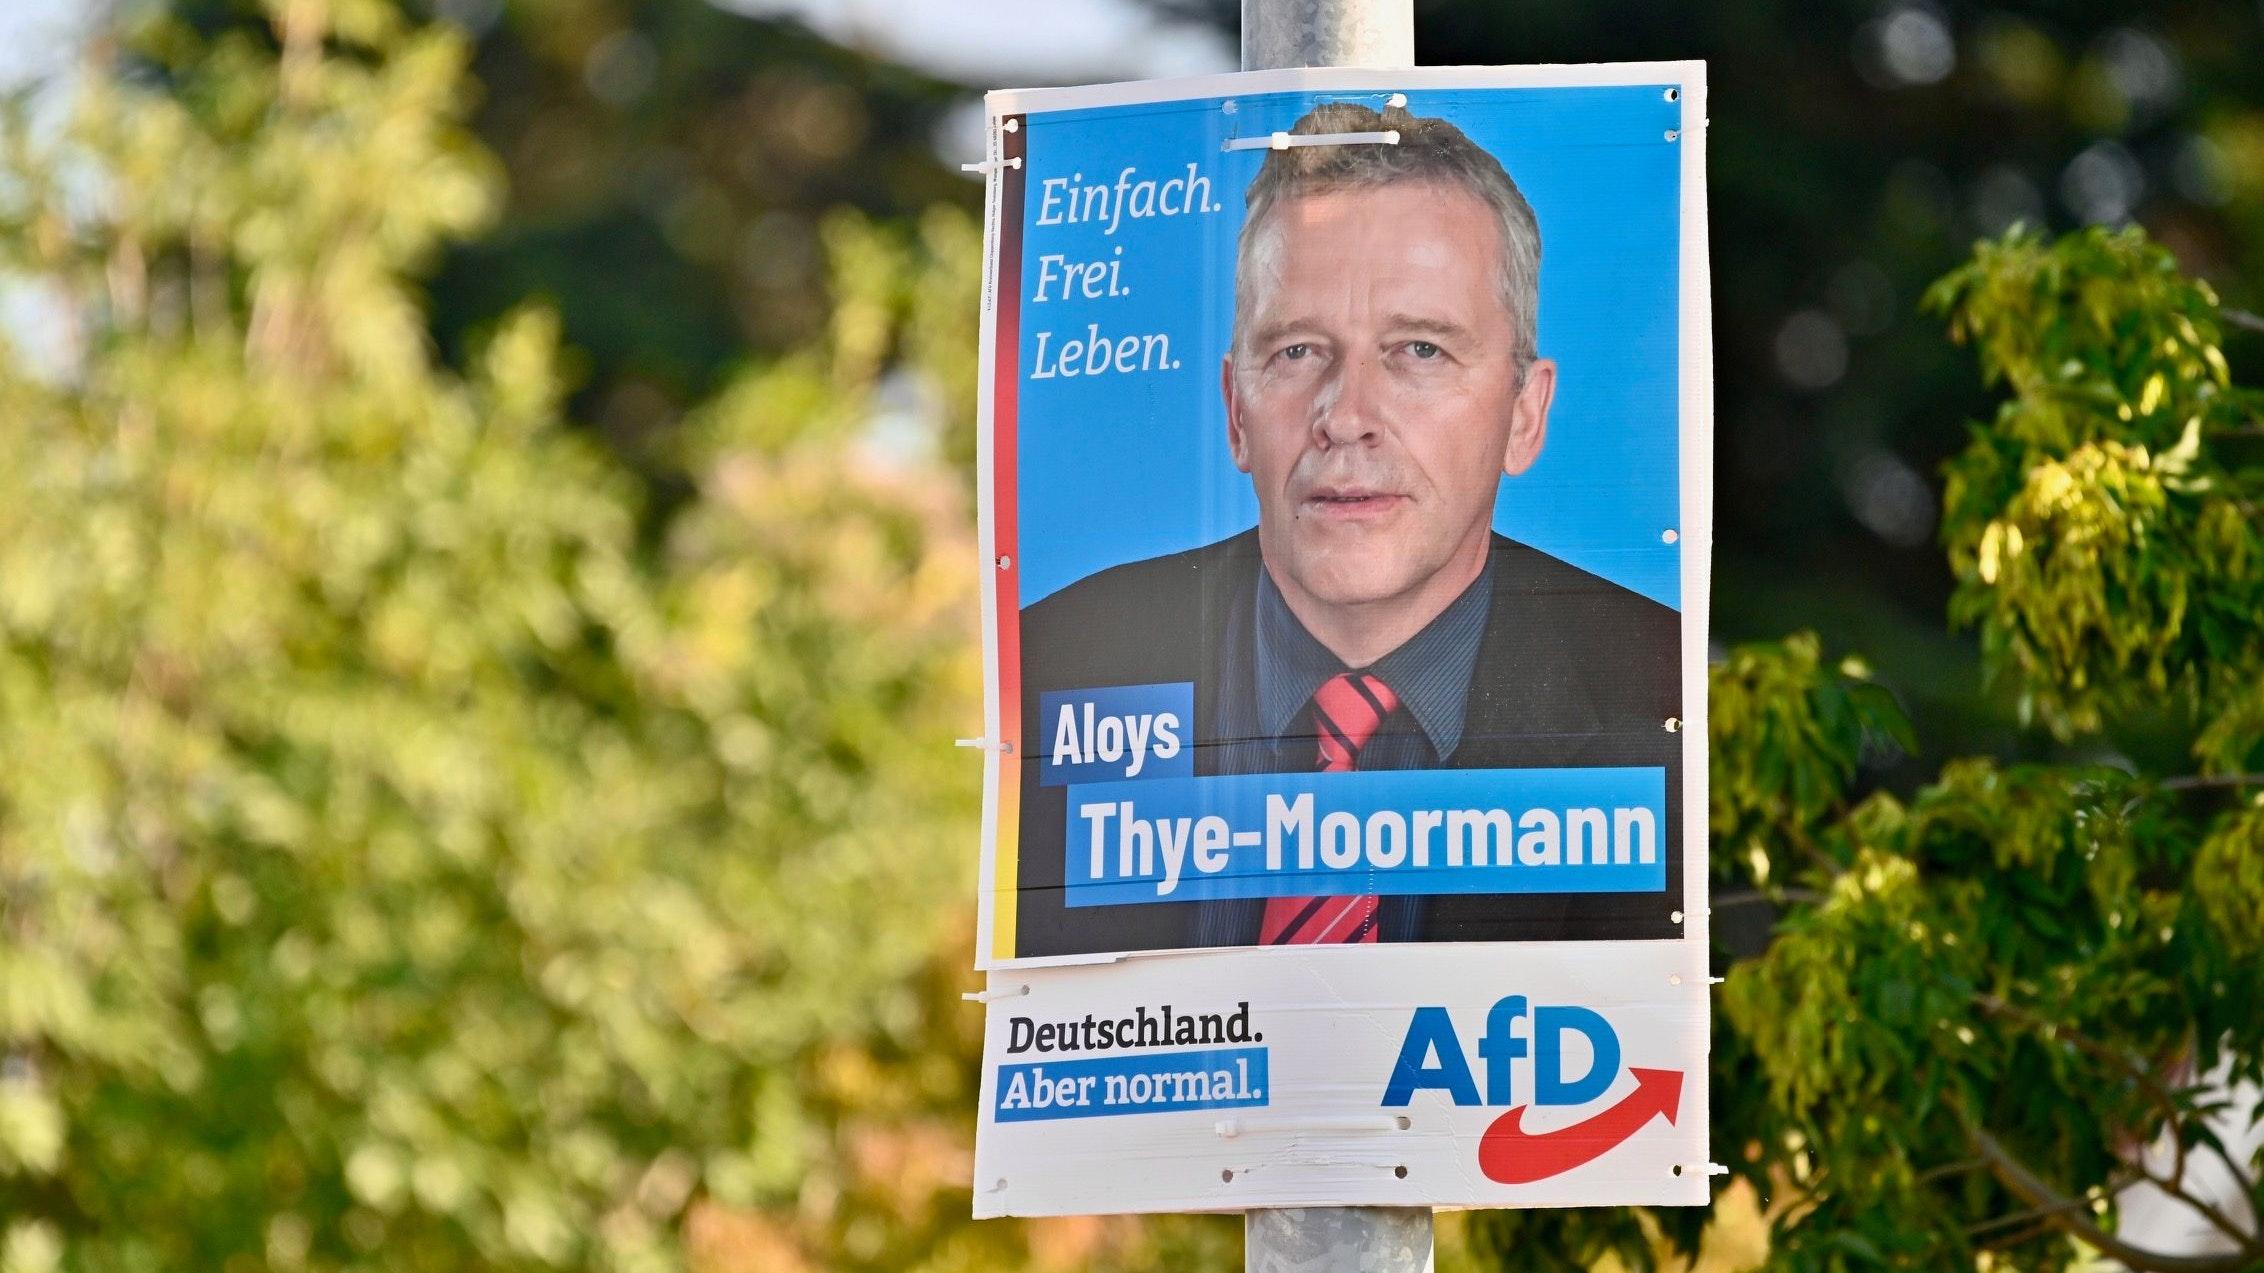 """AfD-Wahlplakat in Vechta: Aloys Thye-Moormann wünscht sich ein """"normales"""" Deutschland. Foto: M. Niehues"""